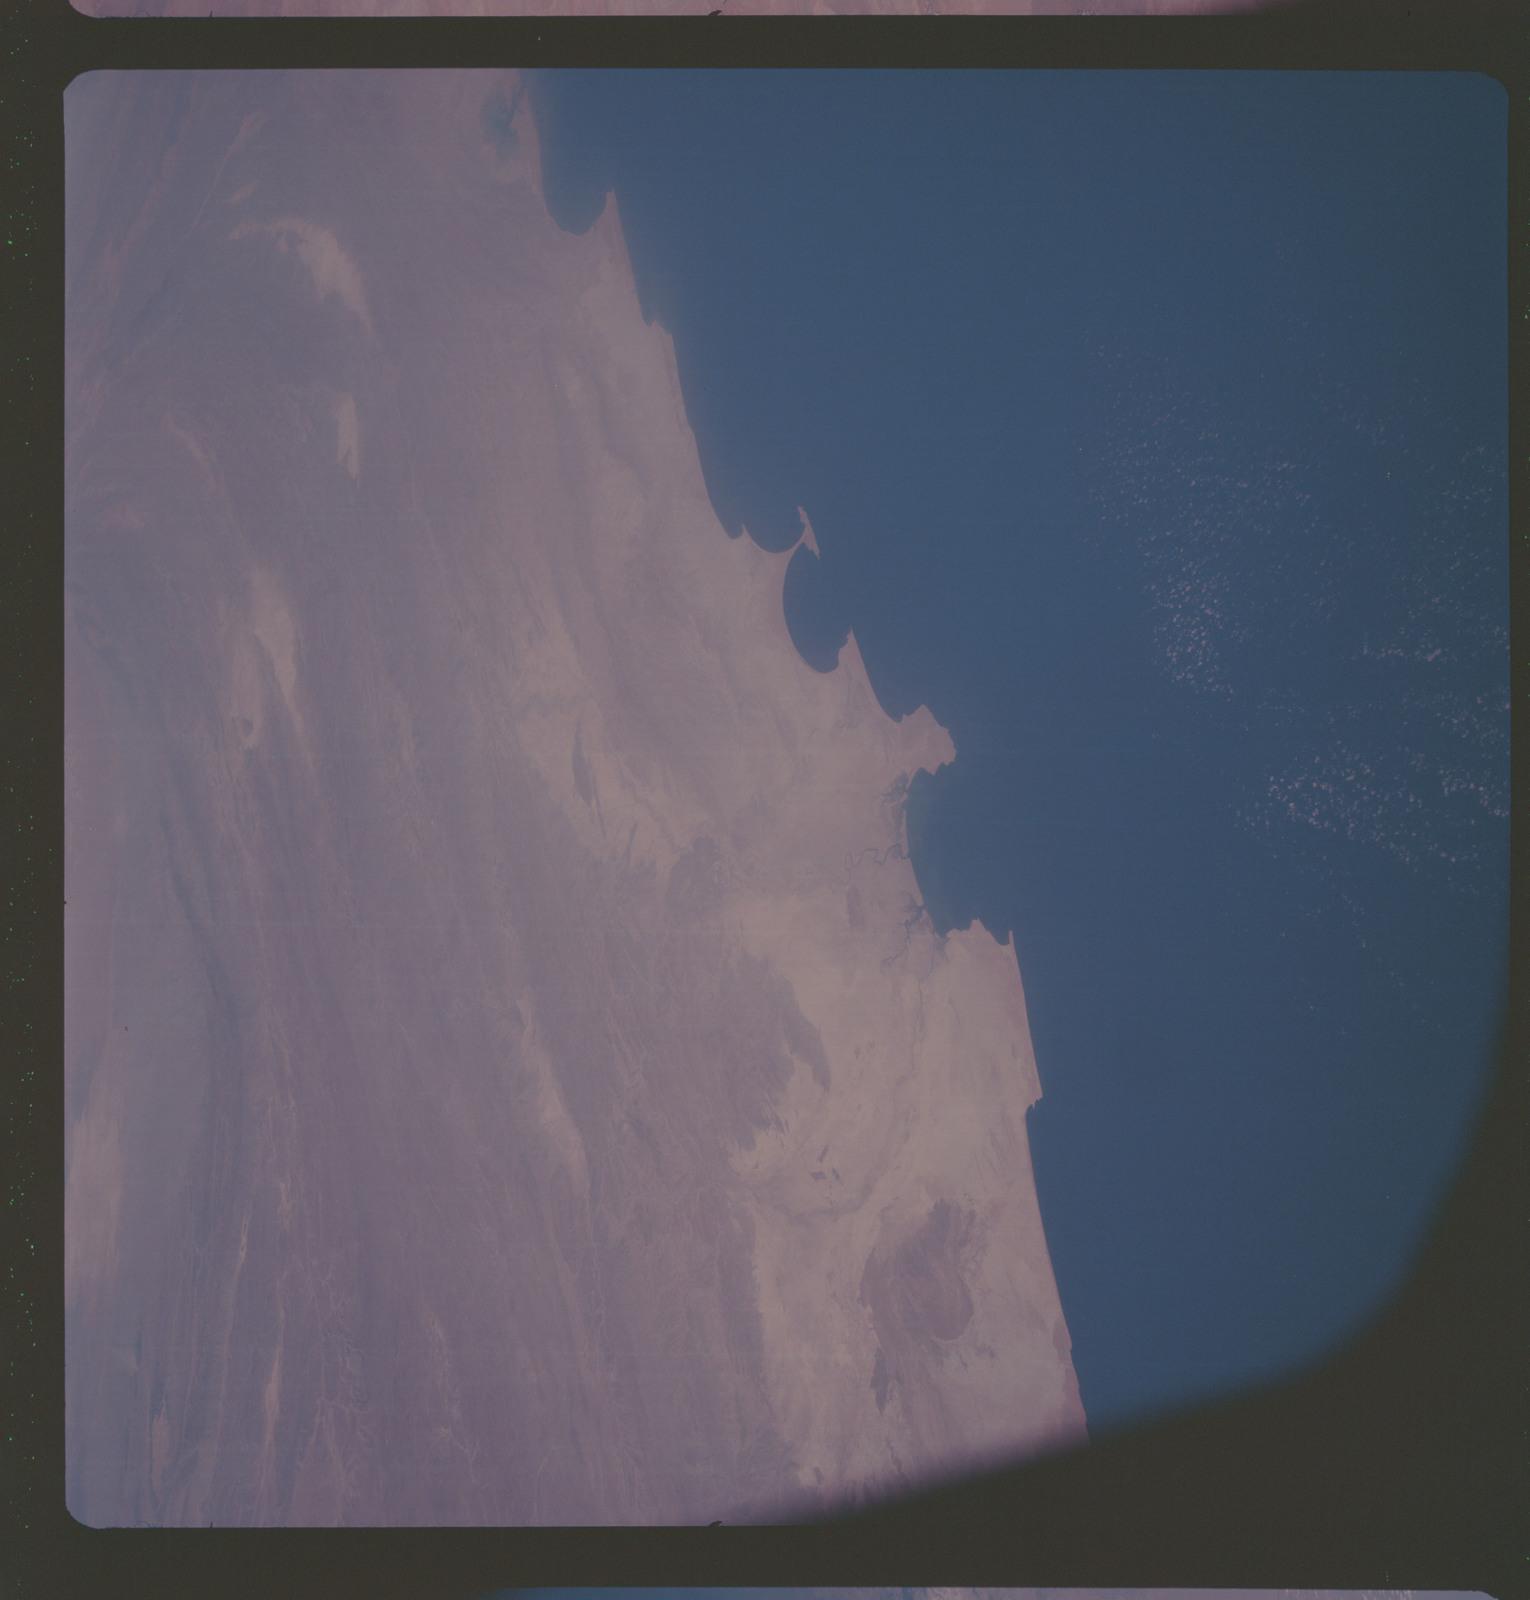 AS07-06-1704 - Apollo 7 - Apollo 7 Mission, Arabian Sea, Iran, Pakistan, Makran Ranges